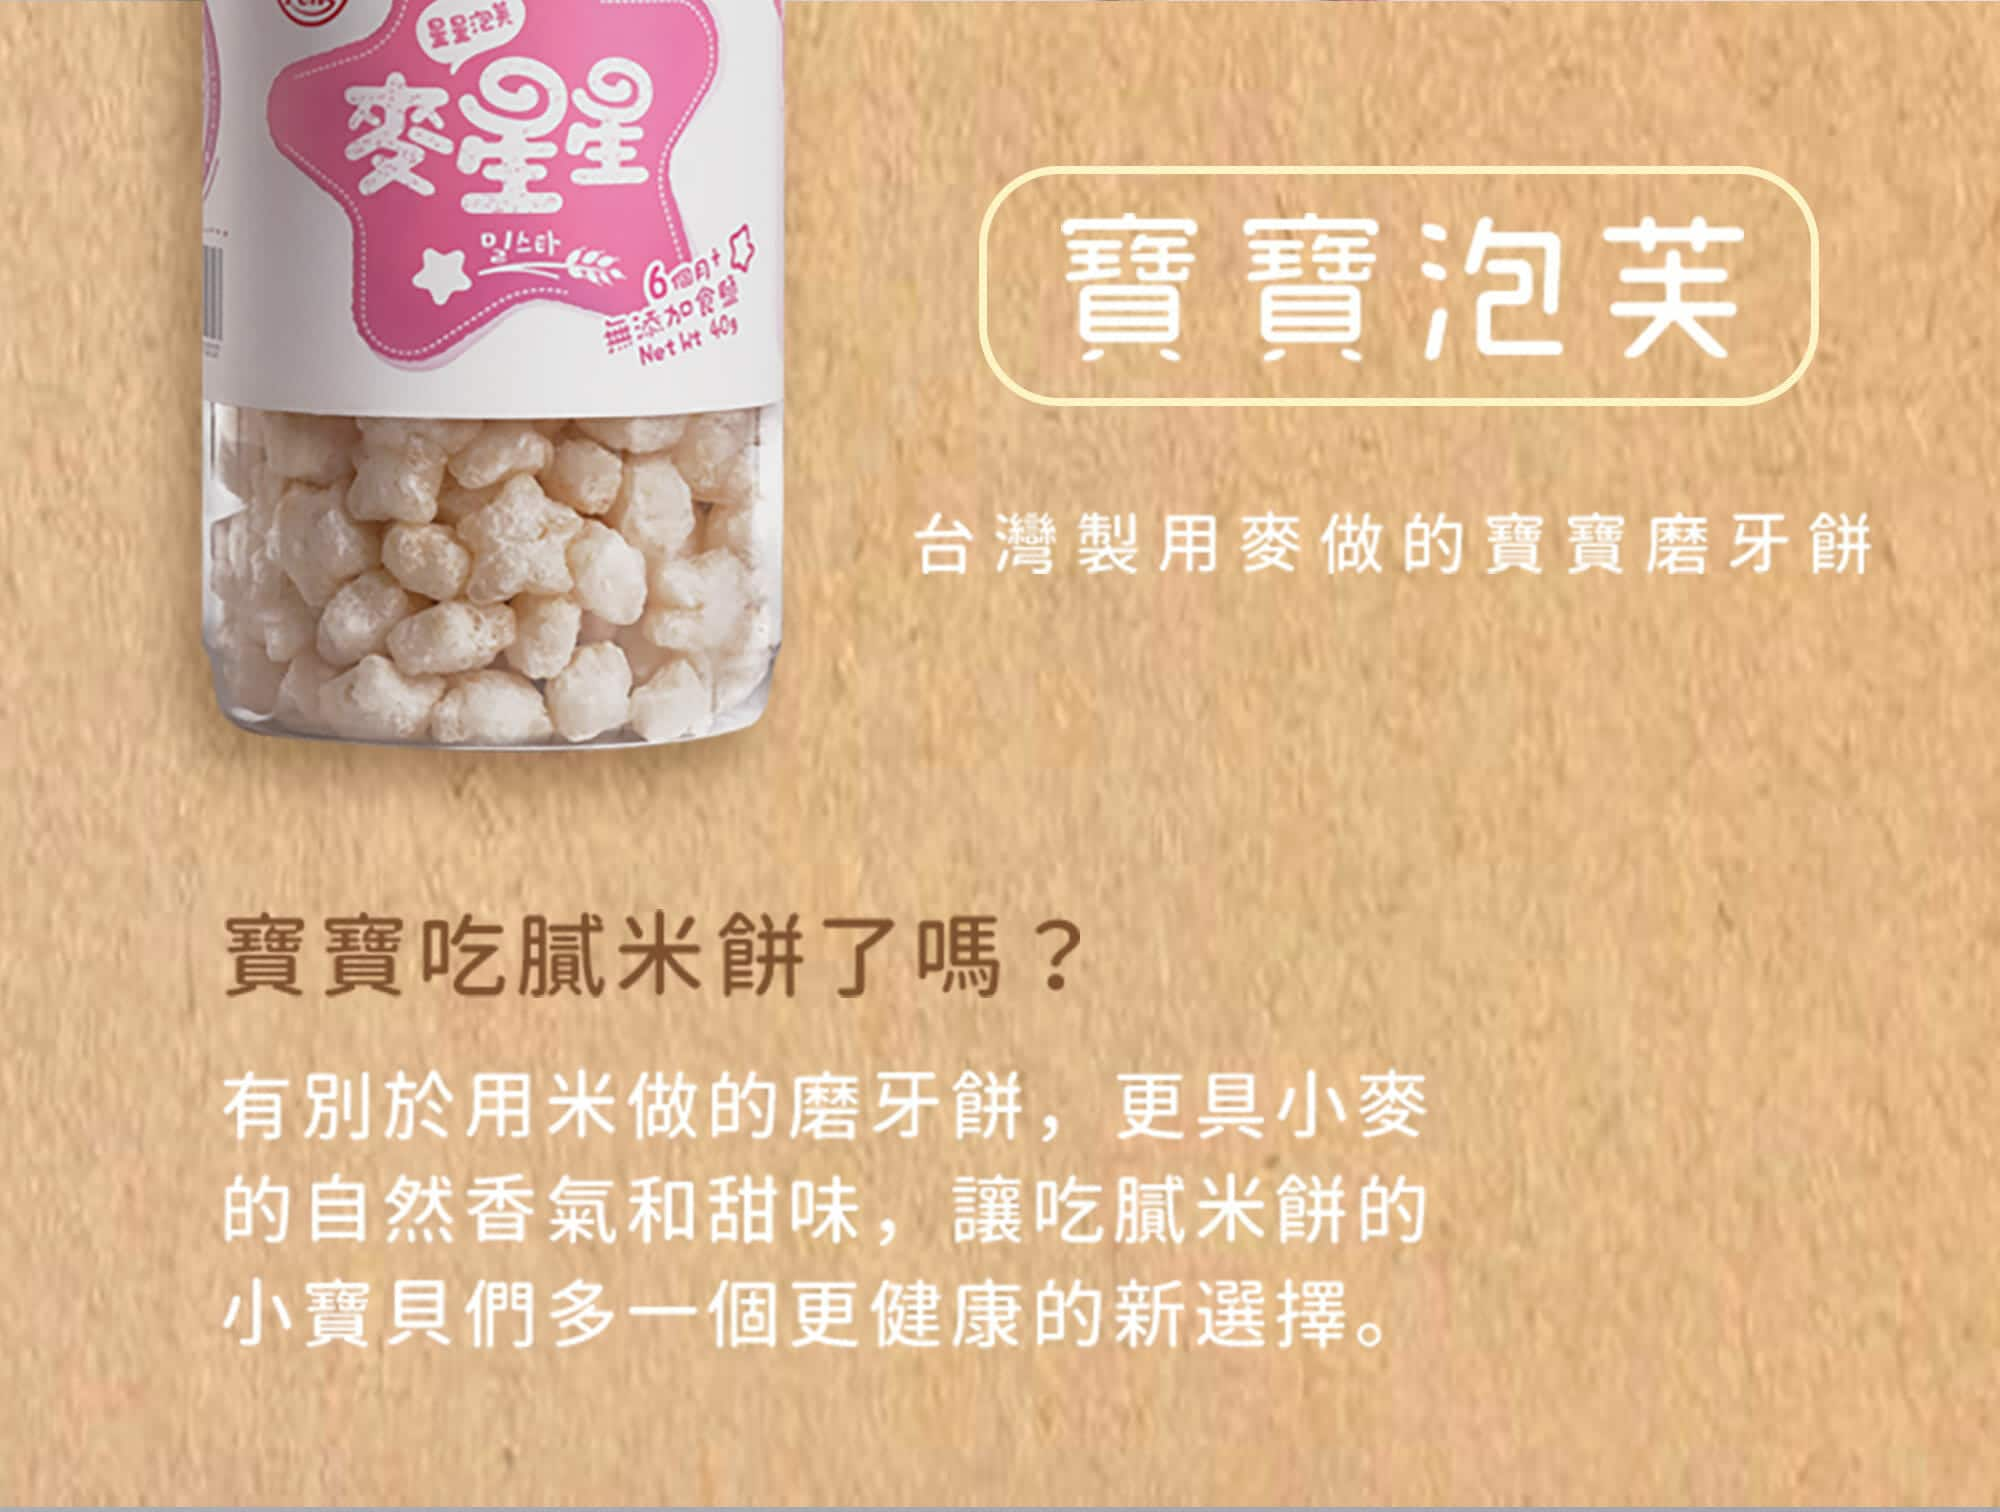 麥星星是台灣製造以小麥為原料的寶寶磨牙餅,和米做的米餅不同,更具備小麥的自然香氣與甜味。